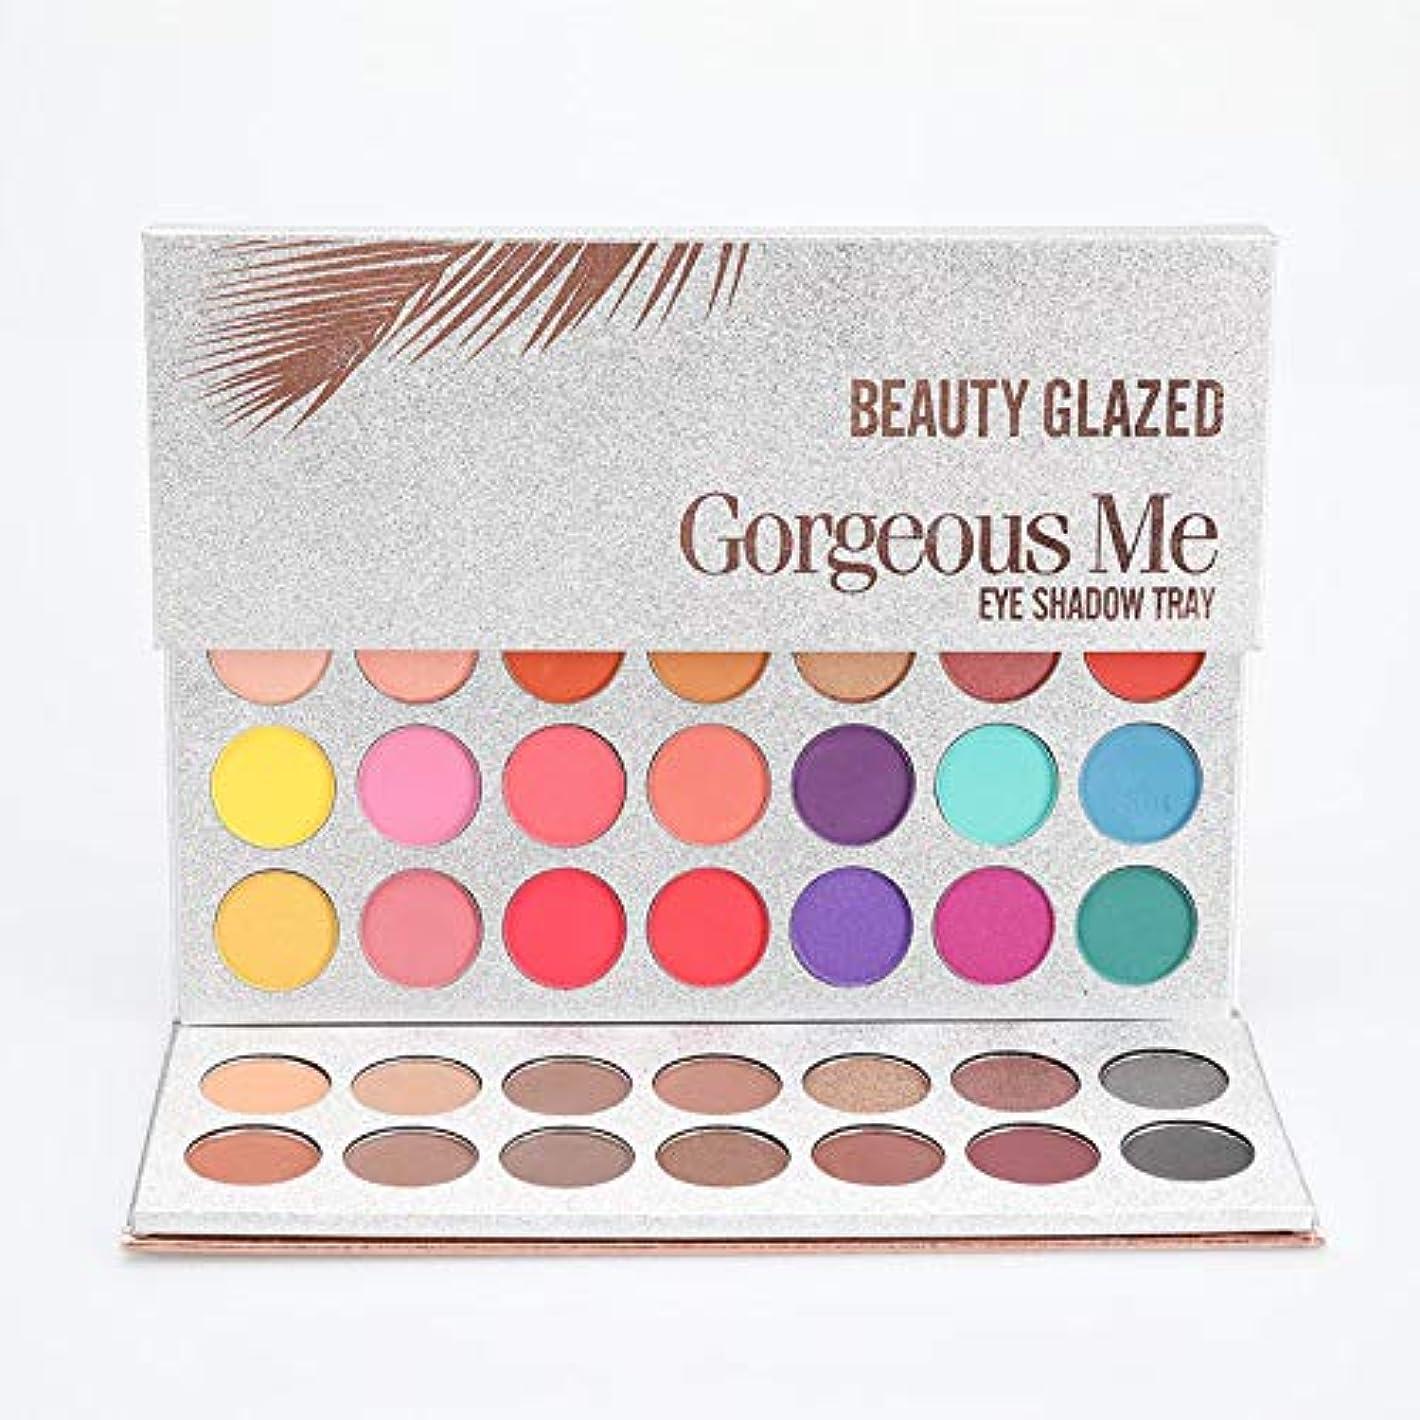 ランクつかの間原告63 Color eyeshadow pallete Glitter Makeup Matte Eye shadow make up palette maquillage paleta de sombra 63色のアイシャドーパレエキラキラメイクアップマットアイシャドウメイクアップパレットマキアージュパレタデムブラブ